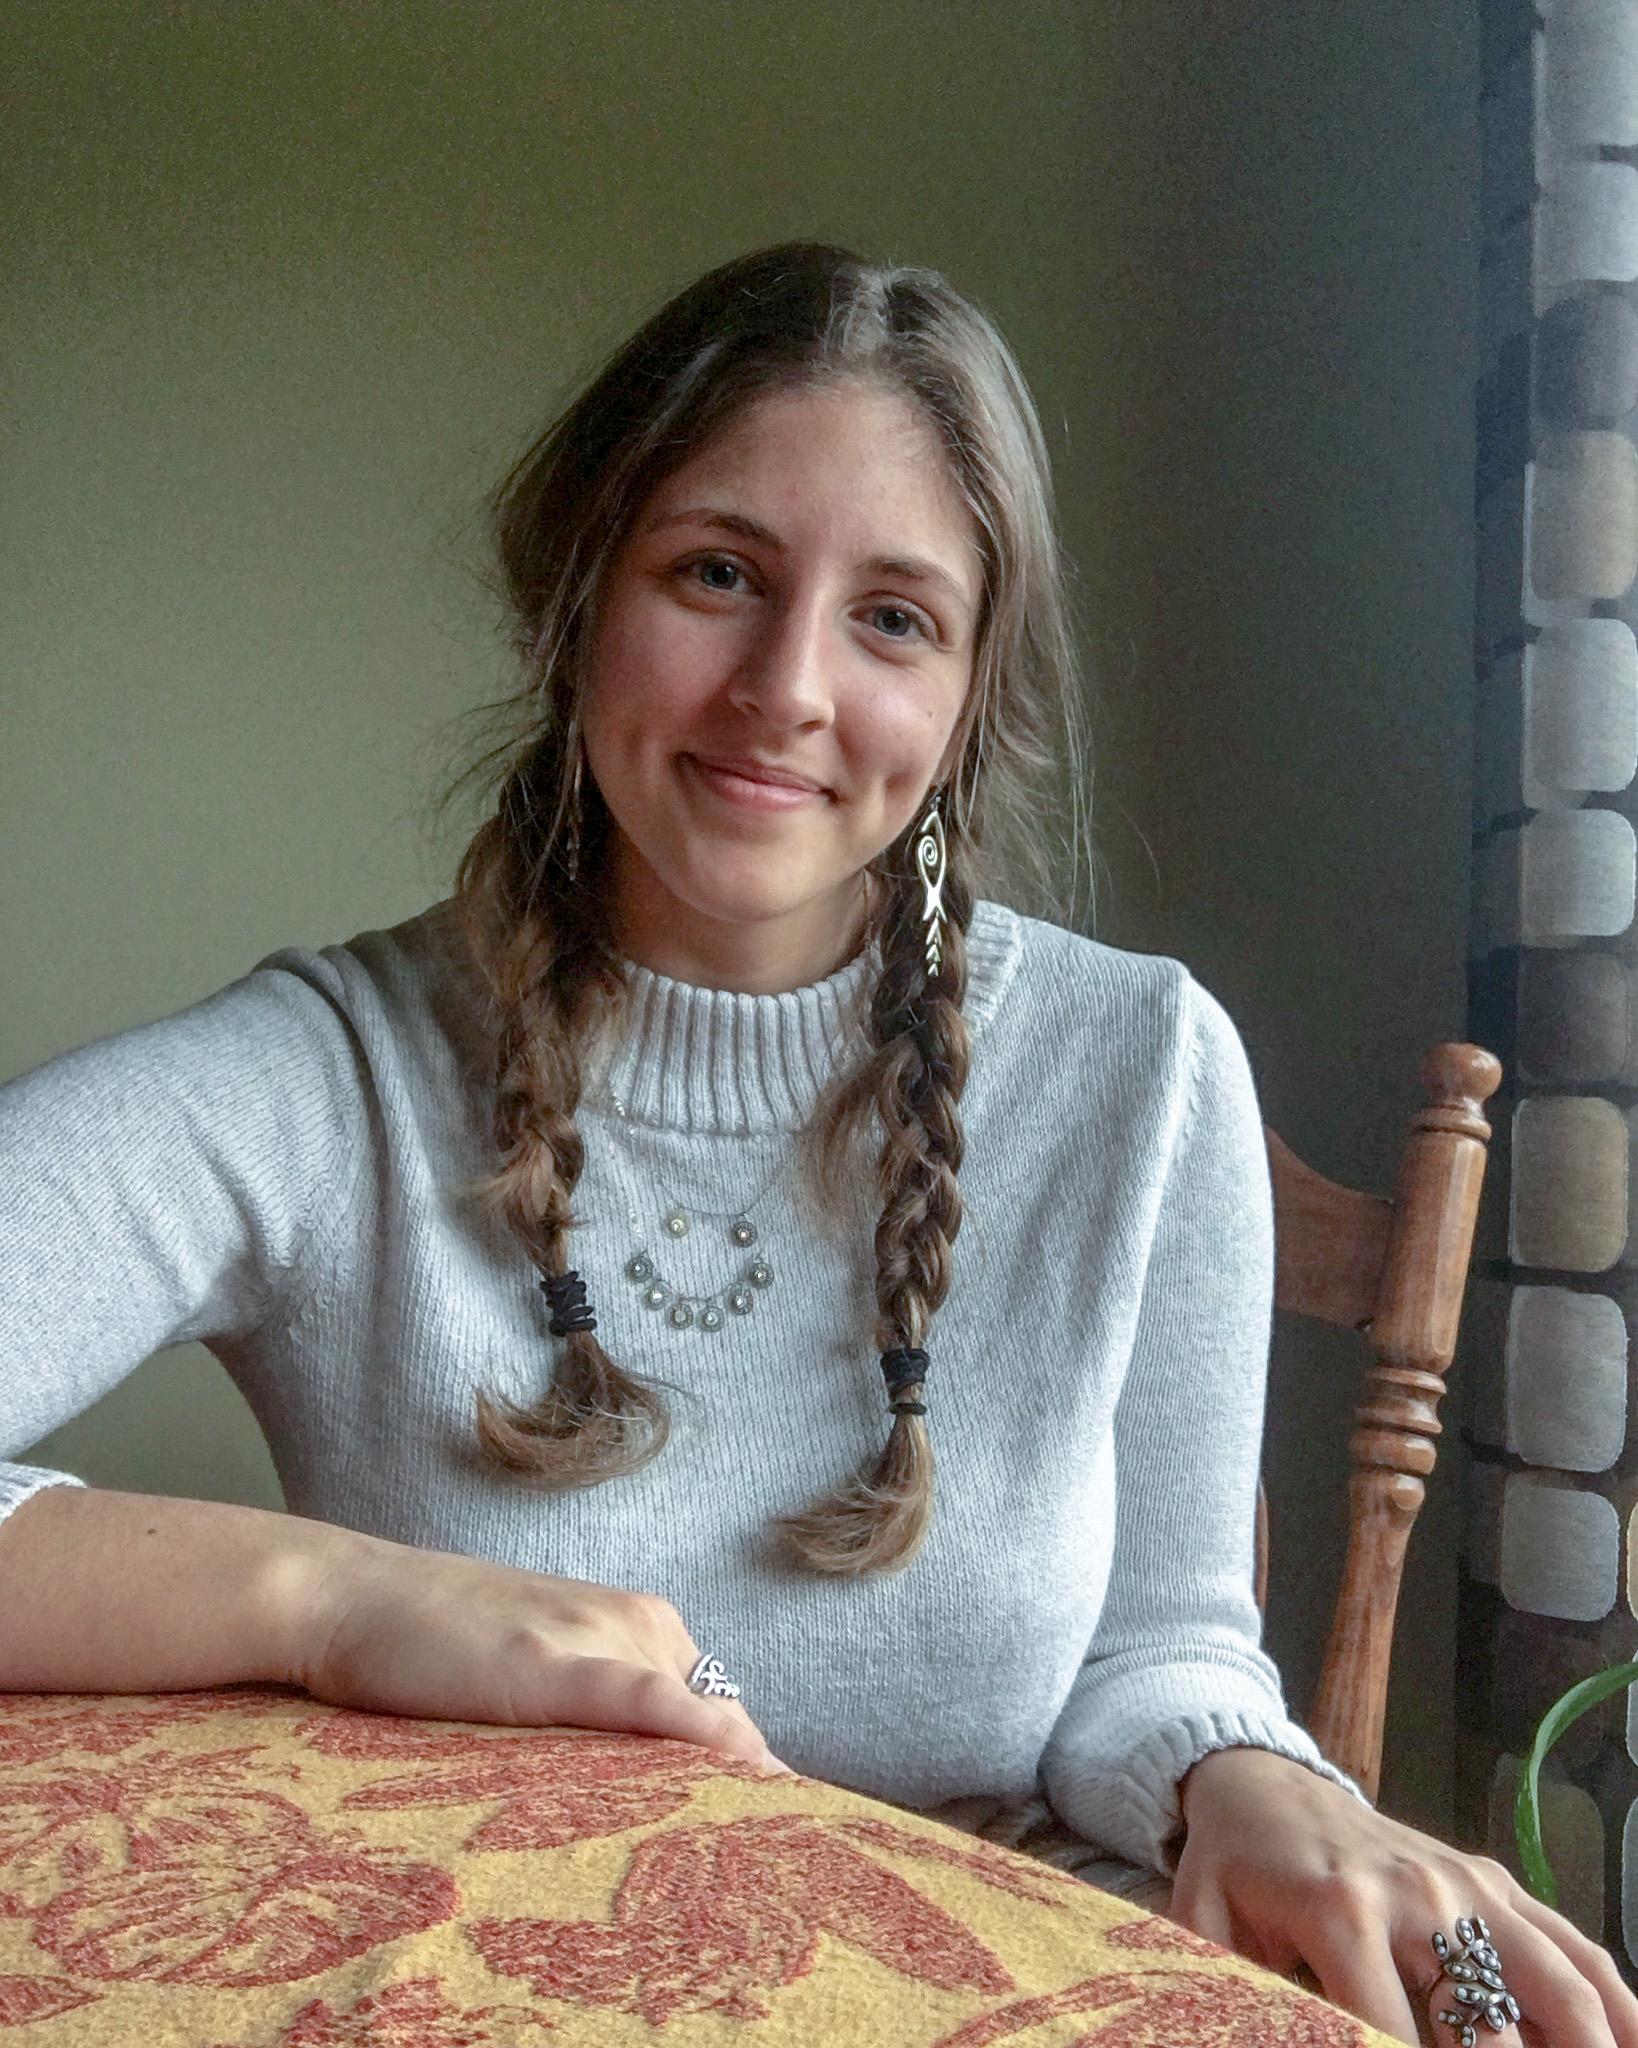 Alyssa Budinock